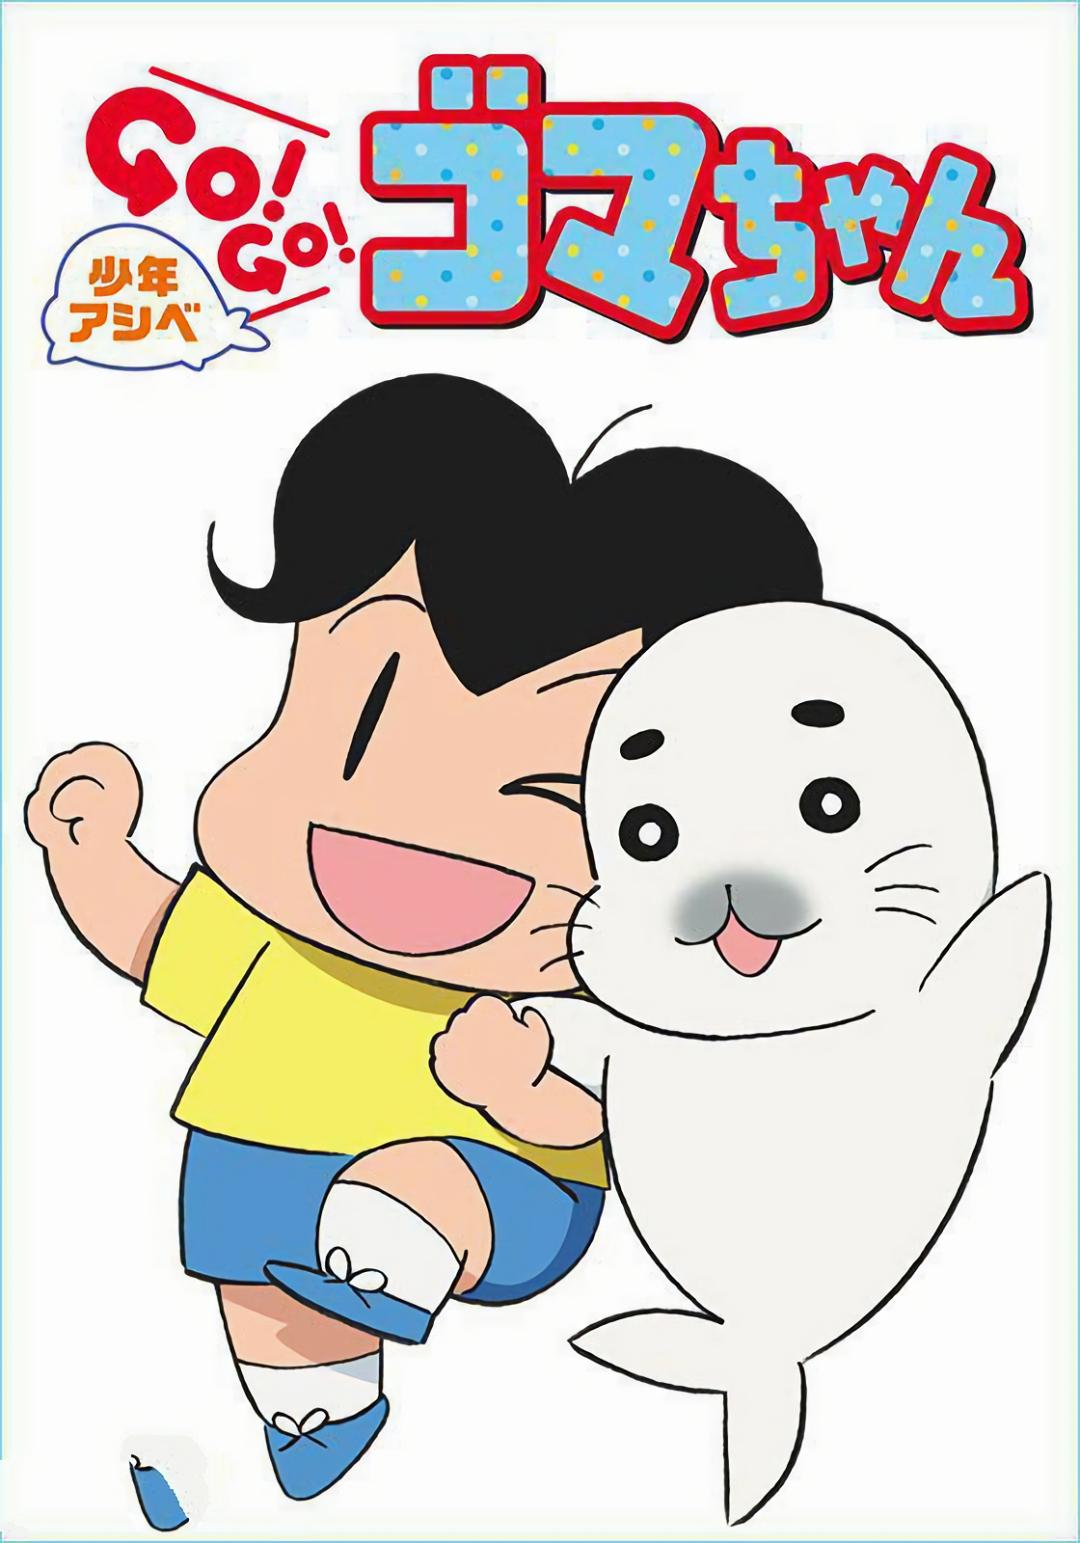 """日本网友票选""""最想饲养的动漫治愈系宠物""""Top10,每个都非常可爱啊!_图片 No.8"""